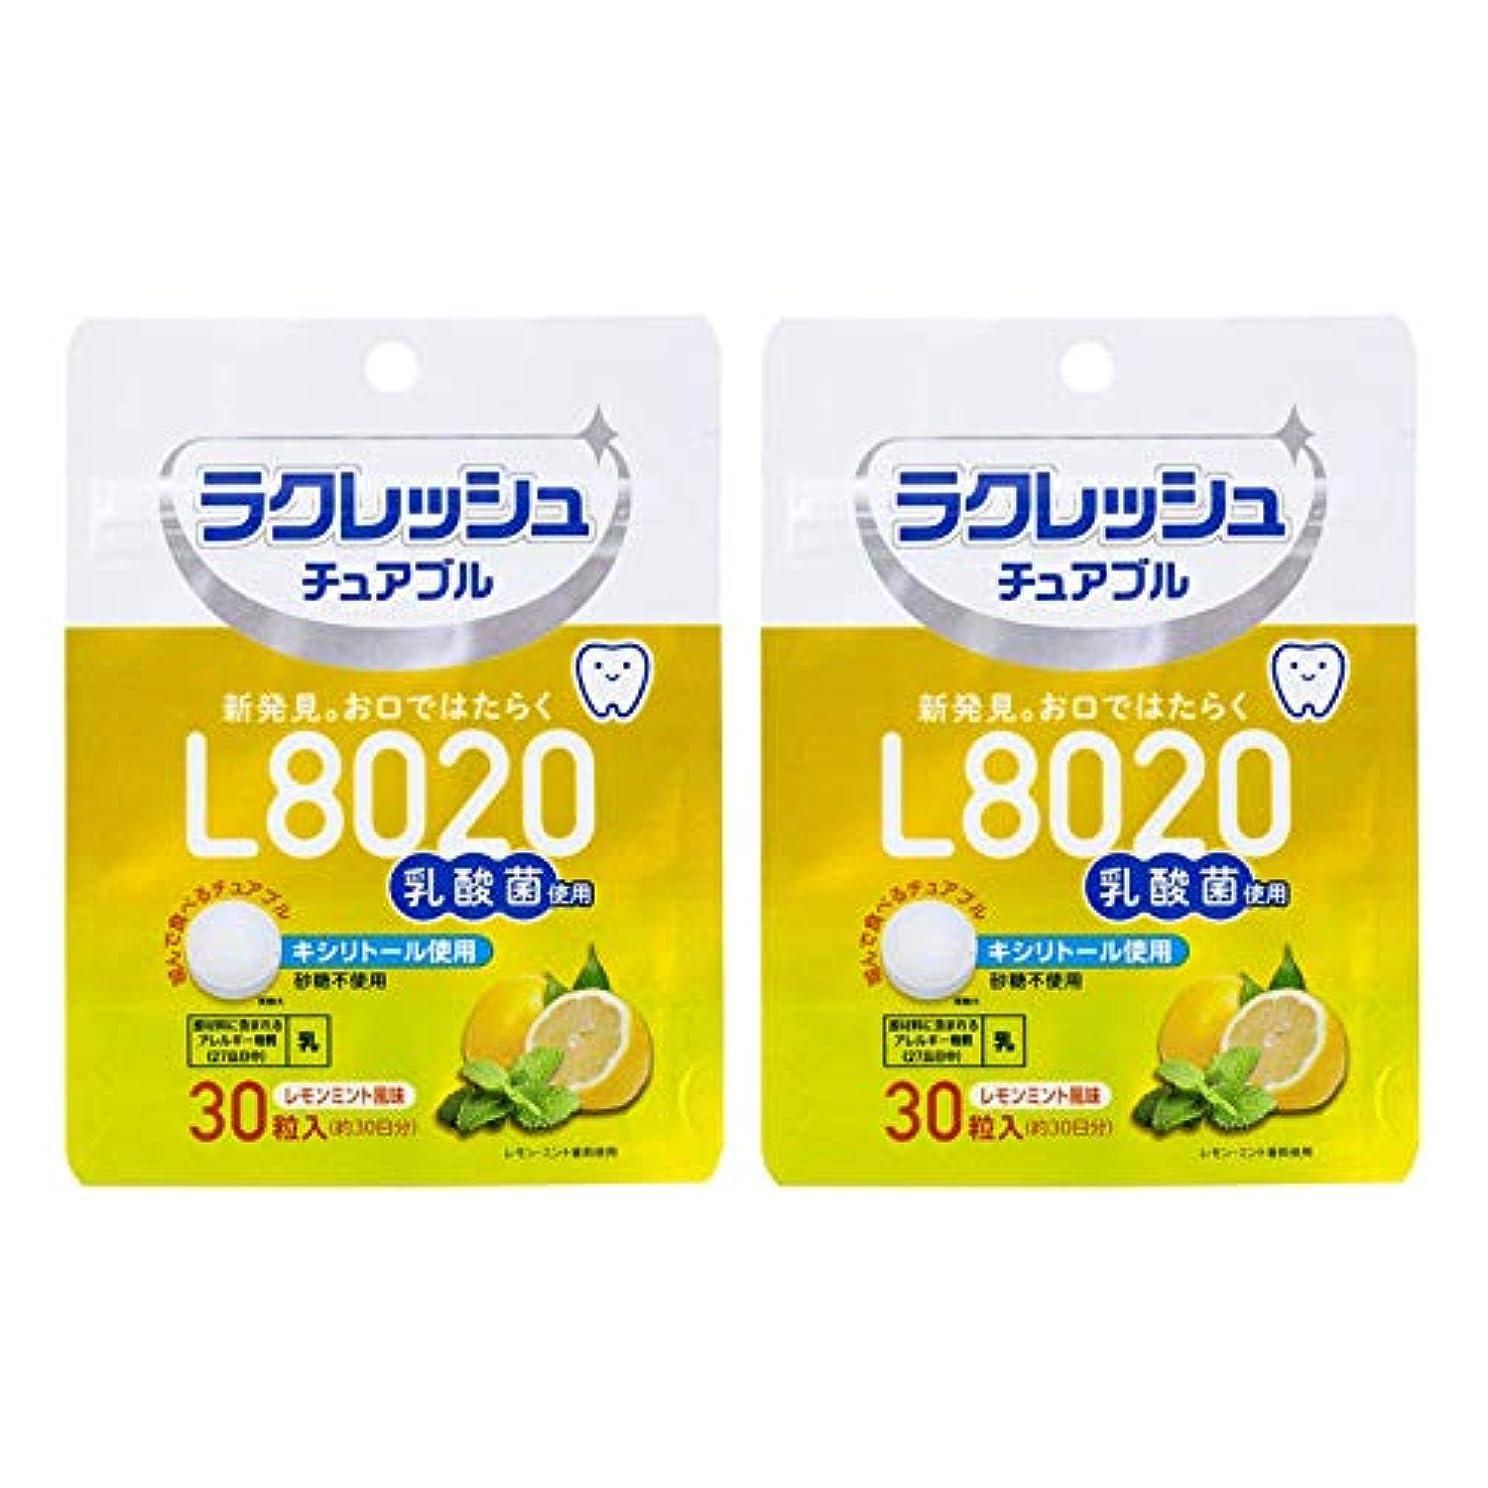 薬シャトル鎮静剤ラクレッシュ L8020 乳酸菌 チュアブル レモンミント風味 オーラルケア 30粒入×2袋